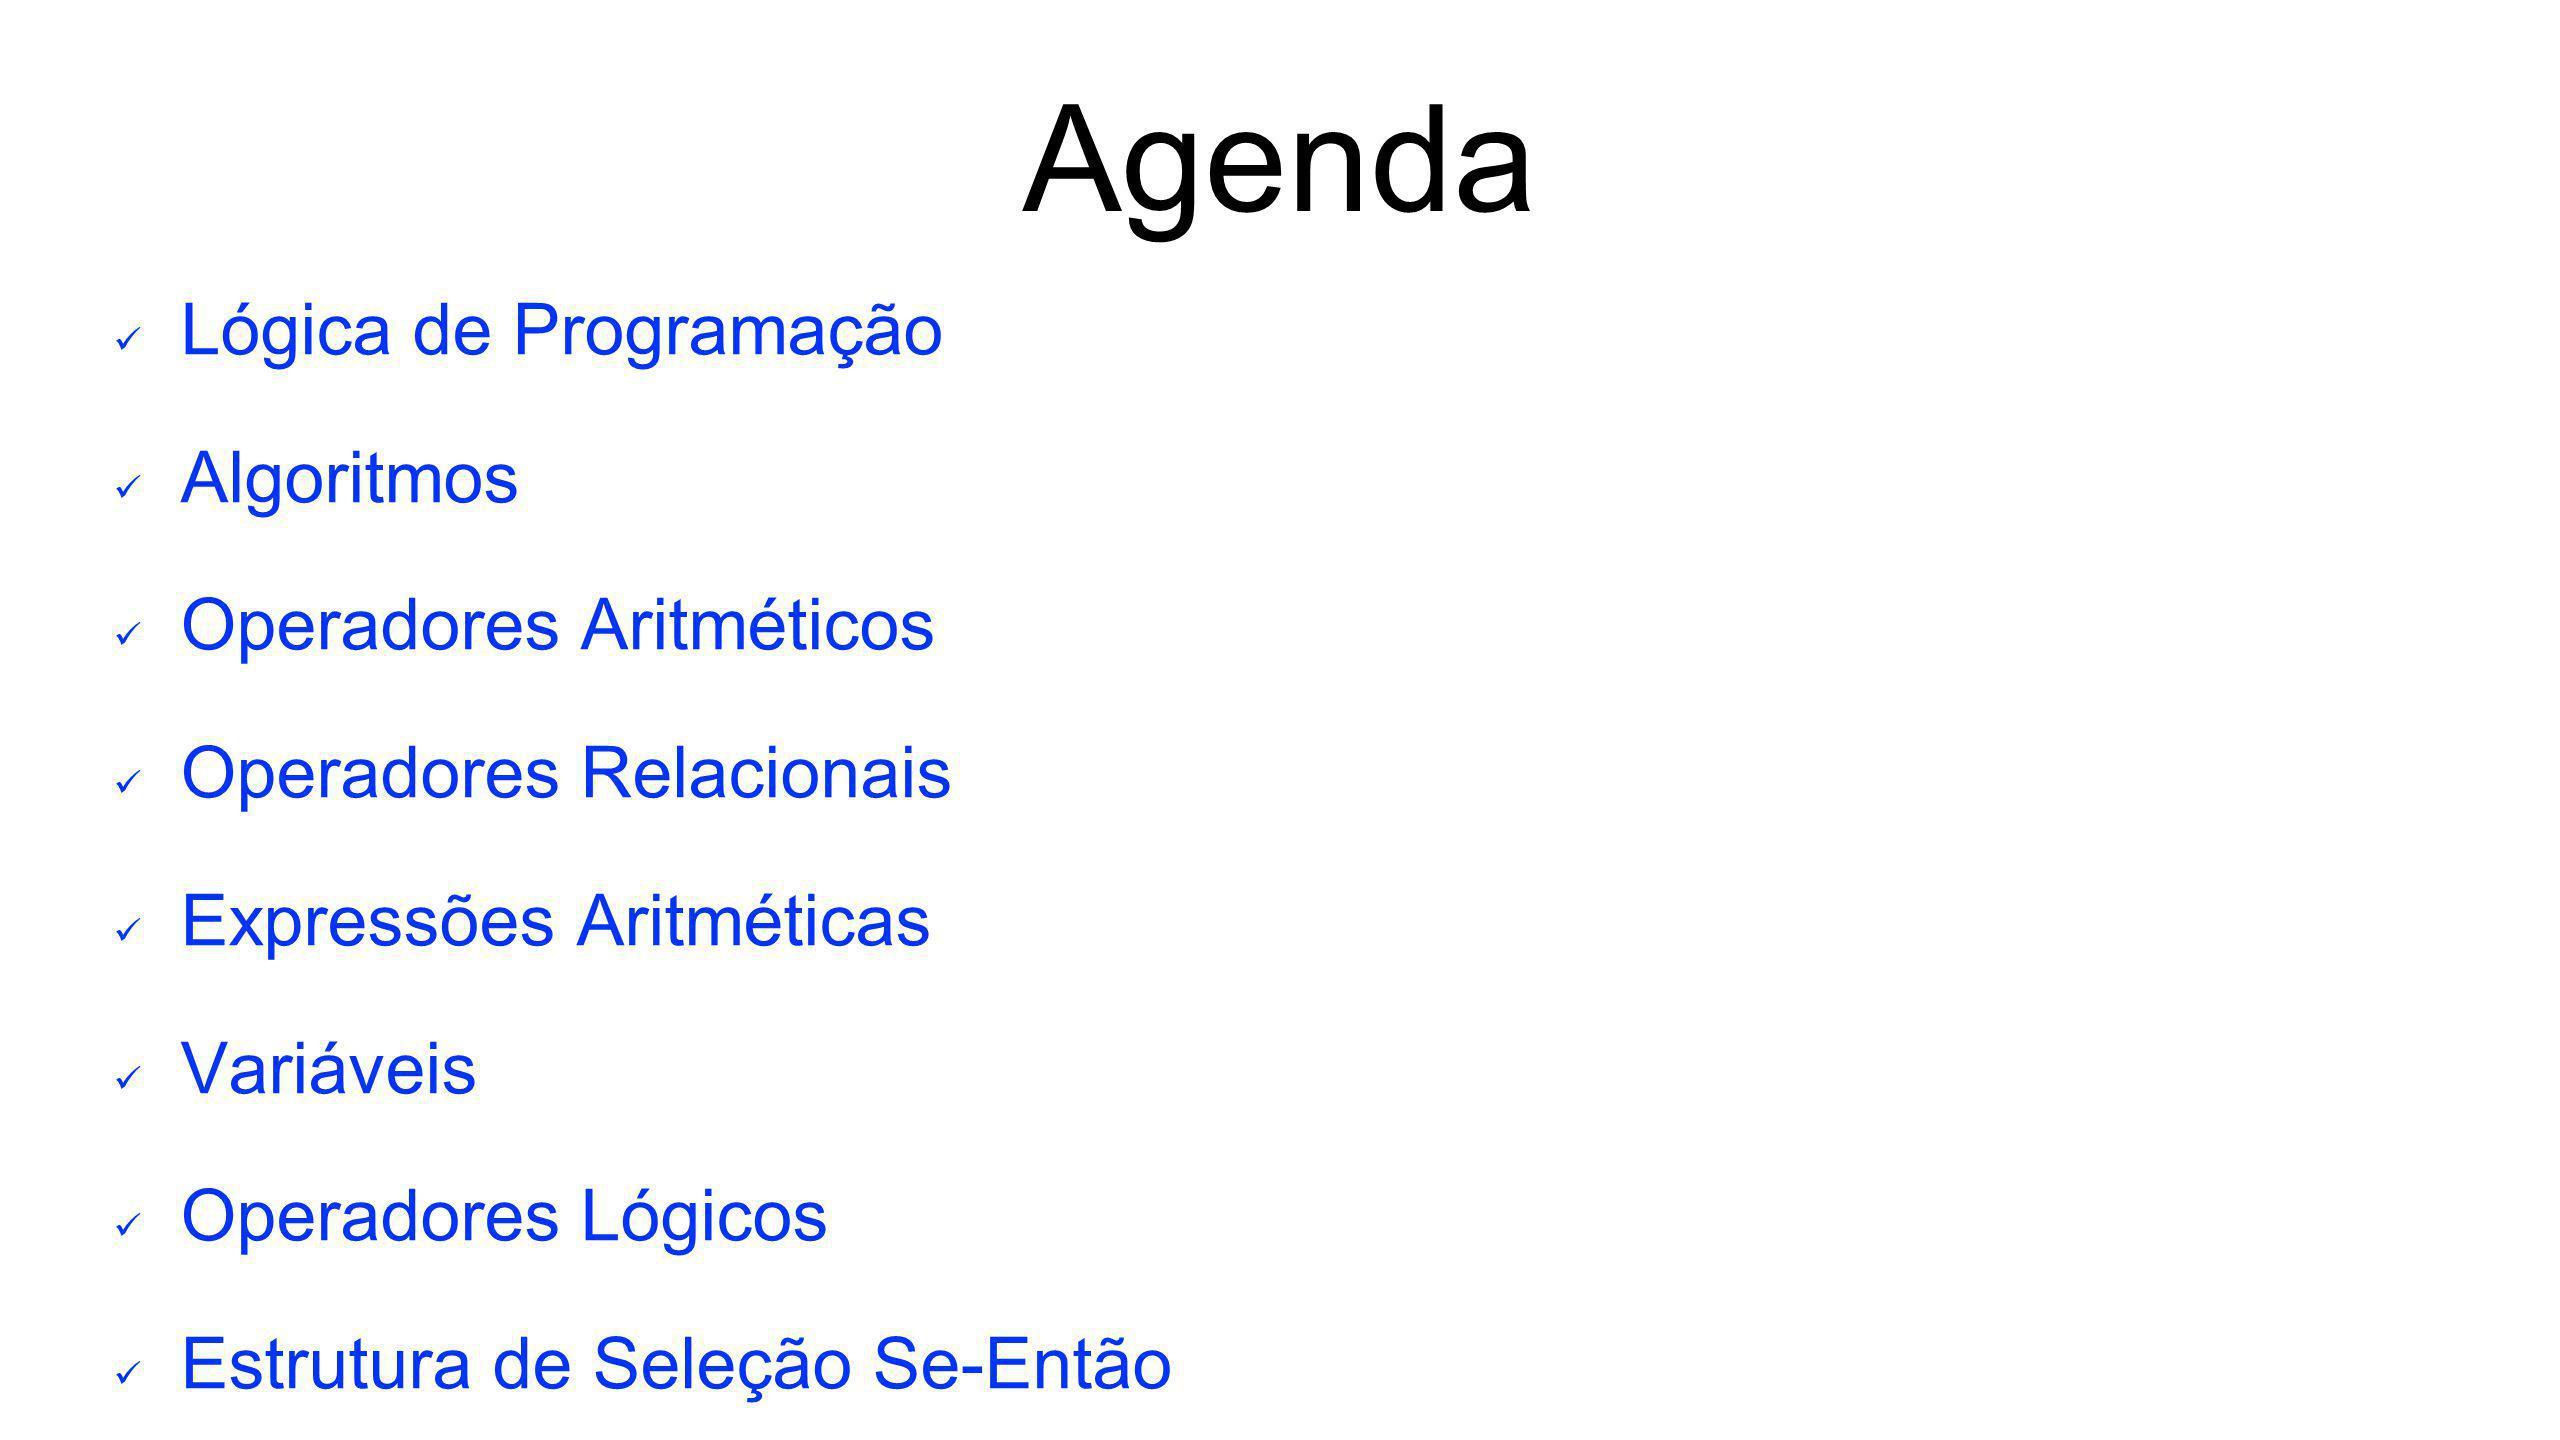 Agenda Lógica de Programação Algoritmos Operadores Aritméticos Operadores Relacionais Expressões Aritméticas Variáveis Operadores Lógicos Estrutura de